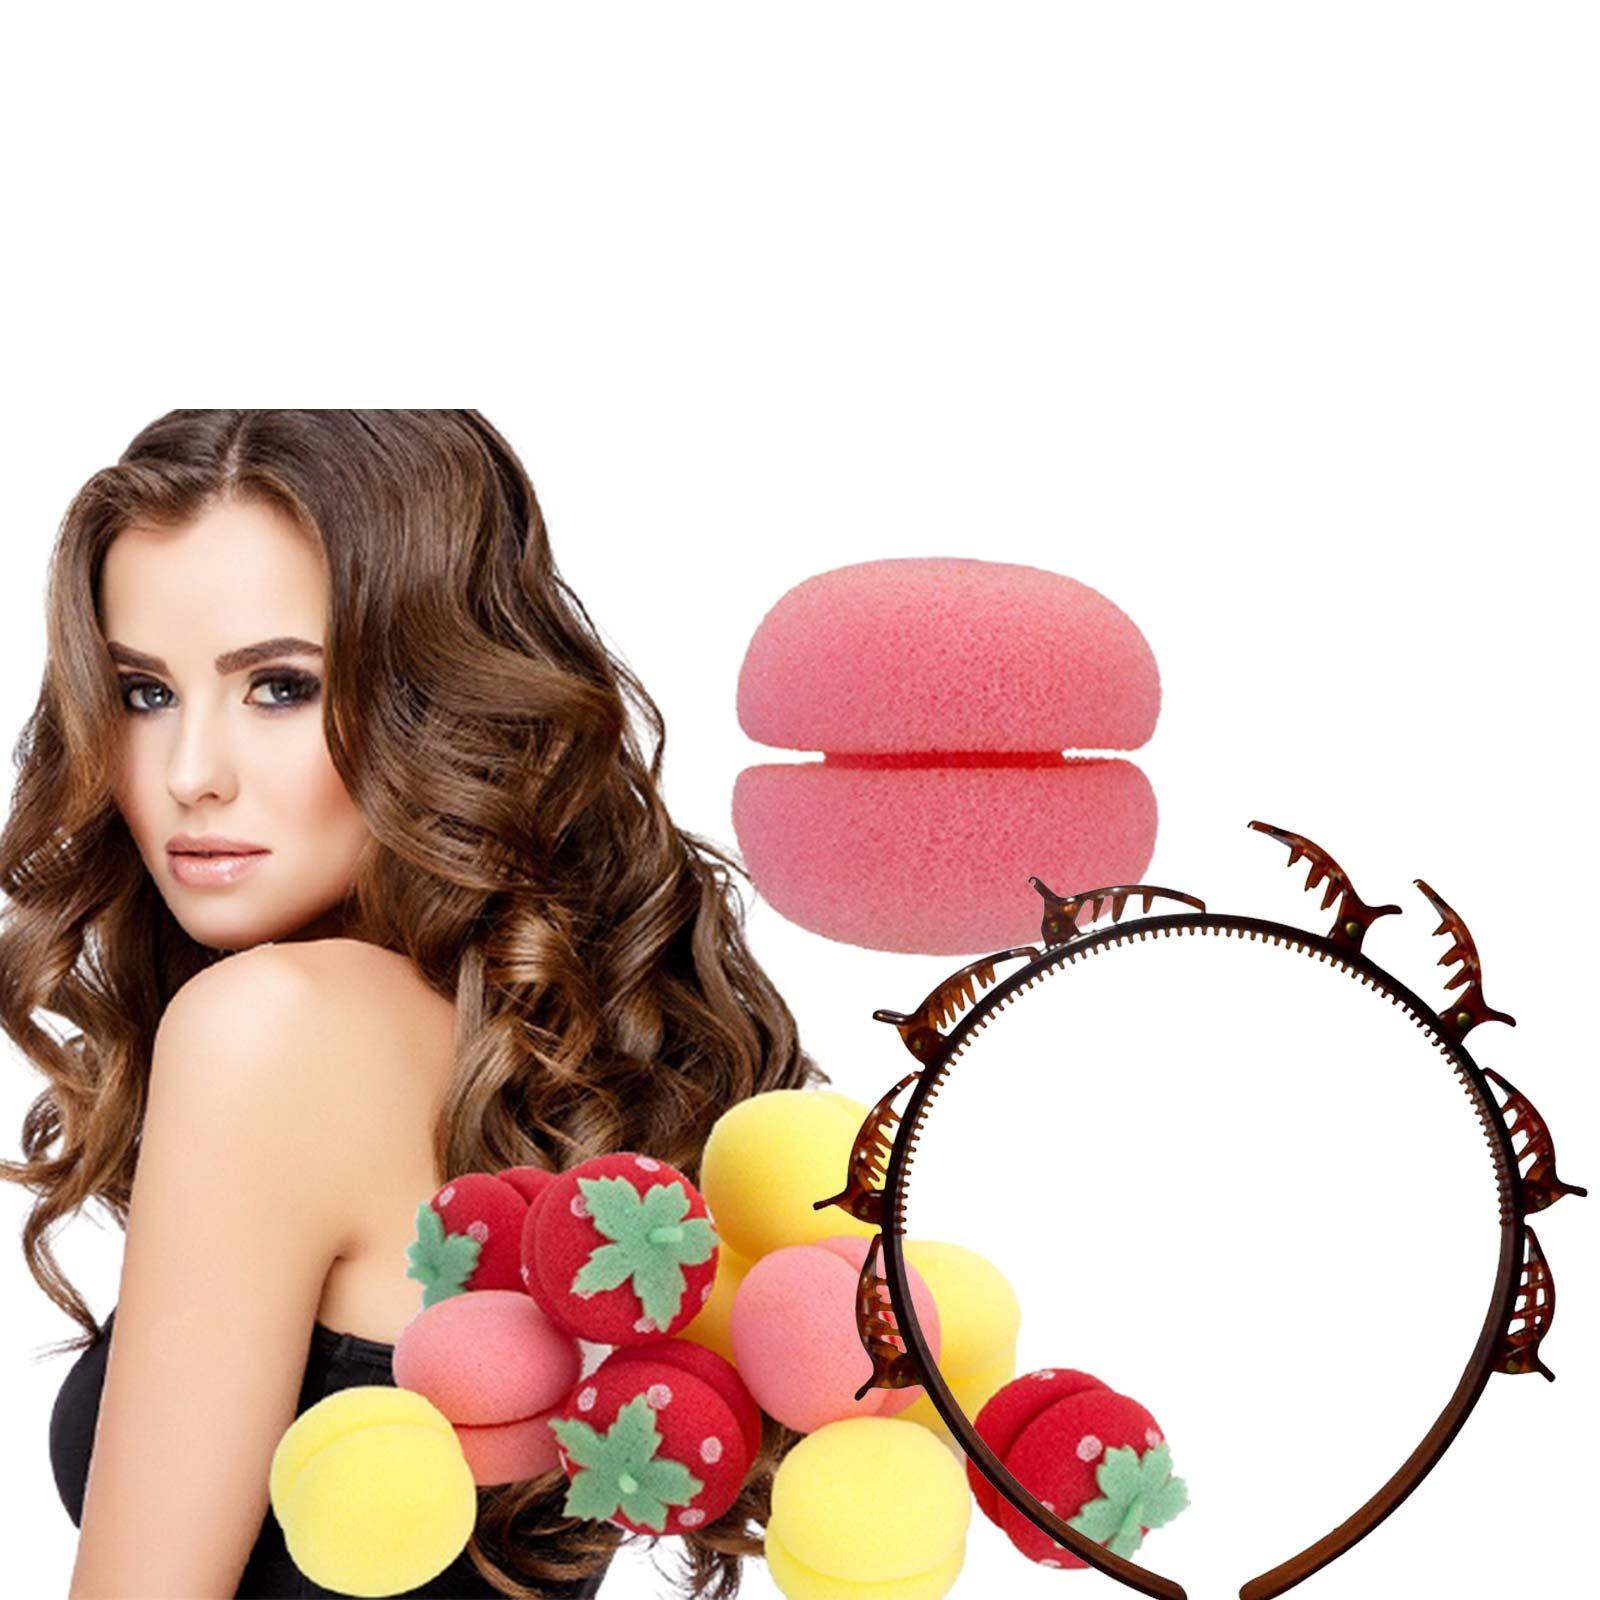 Kit de Cabelo Tiara Hair twister + Modelador de Cachos